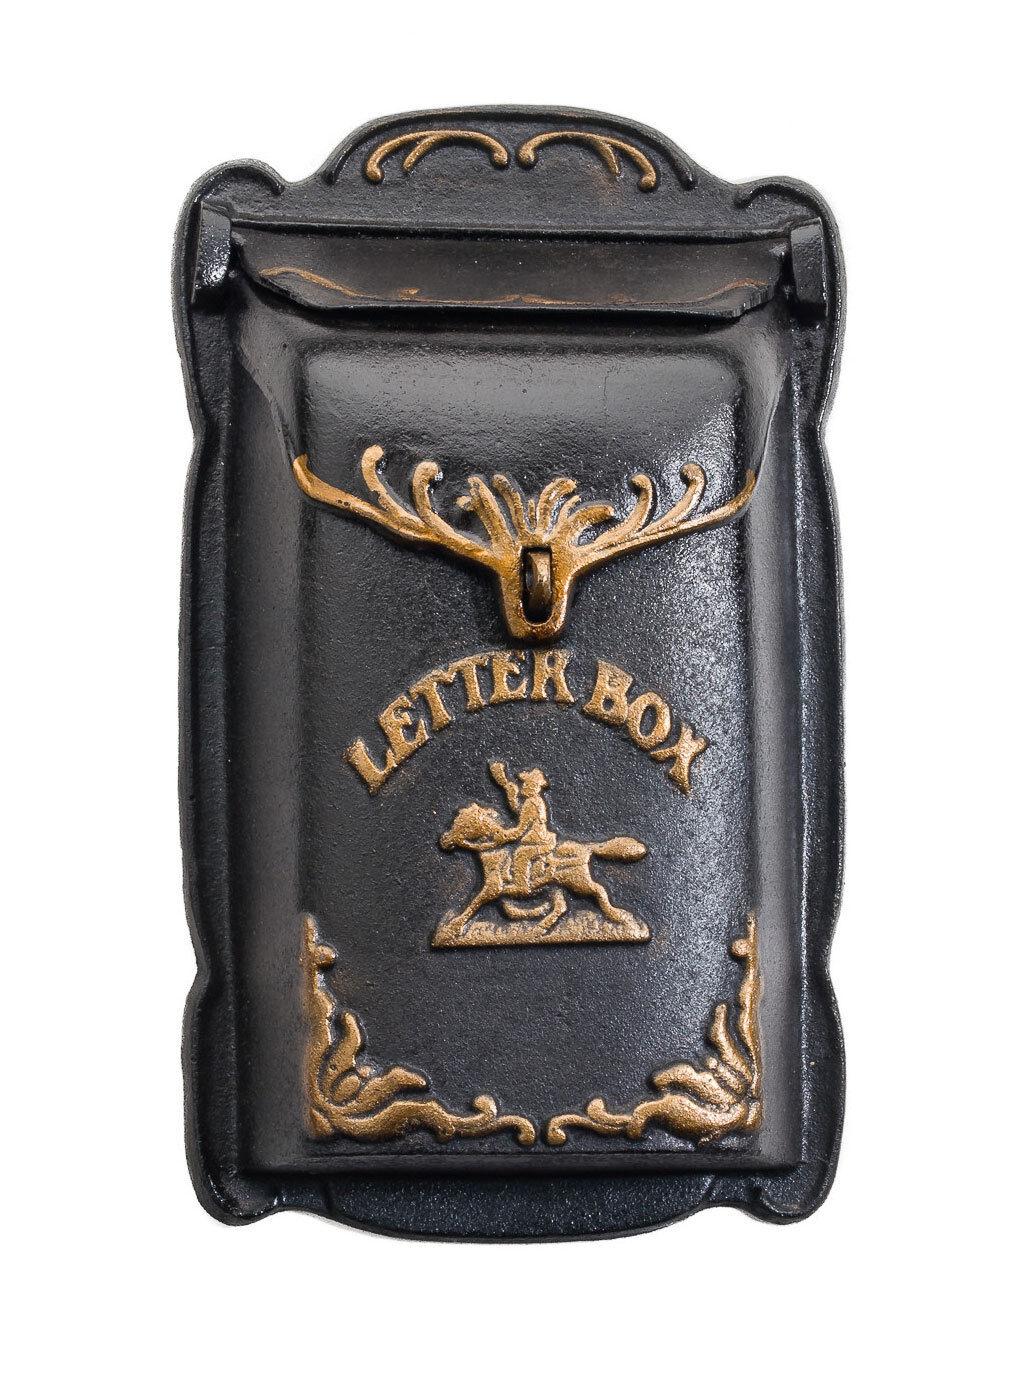 Nostalgie Briefkasten Pferd Wandbriefkasten Gusseisen Postkasten antik-Stil